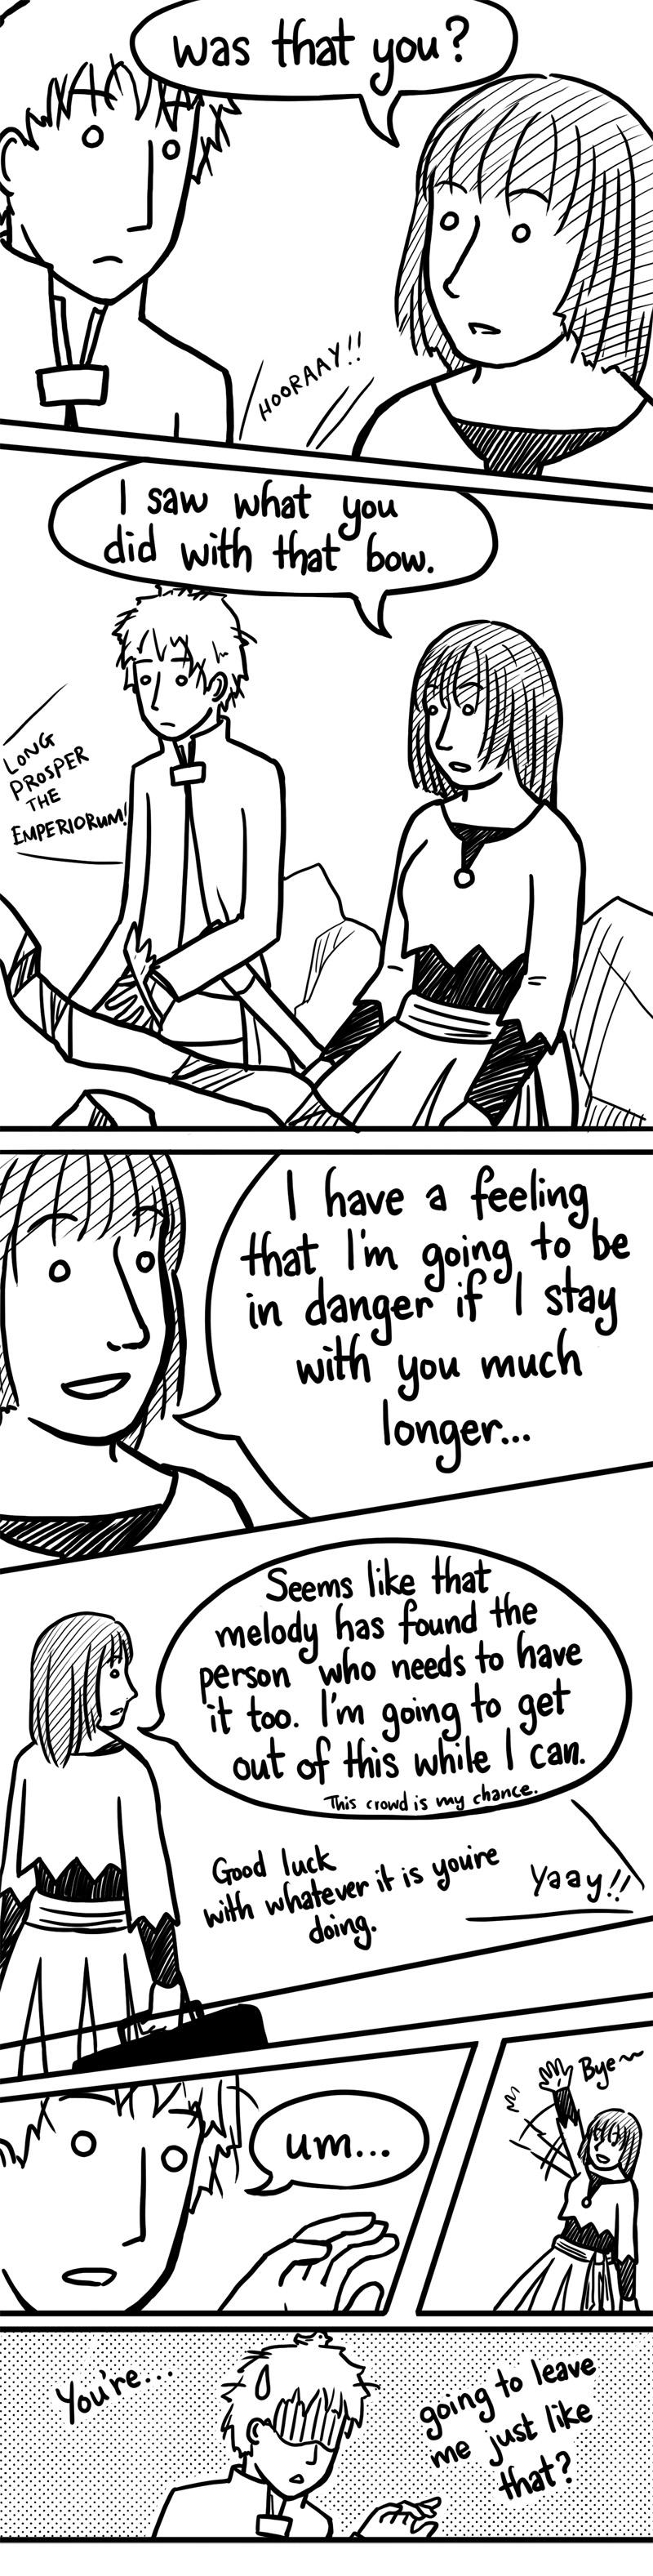 comic-2012-02-28-Bye!.jpg